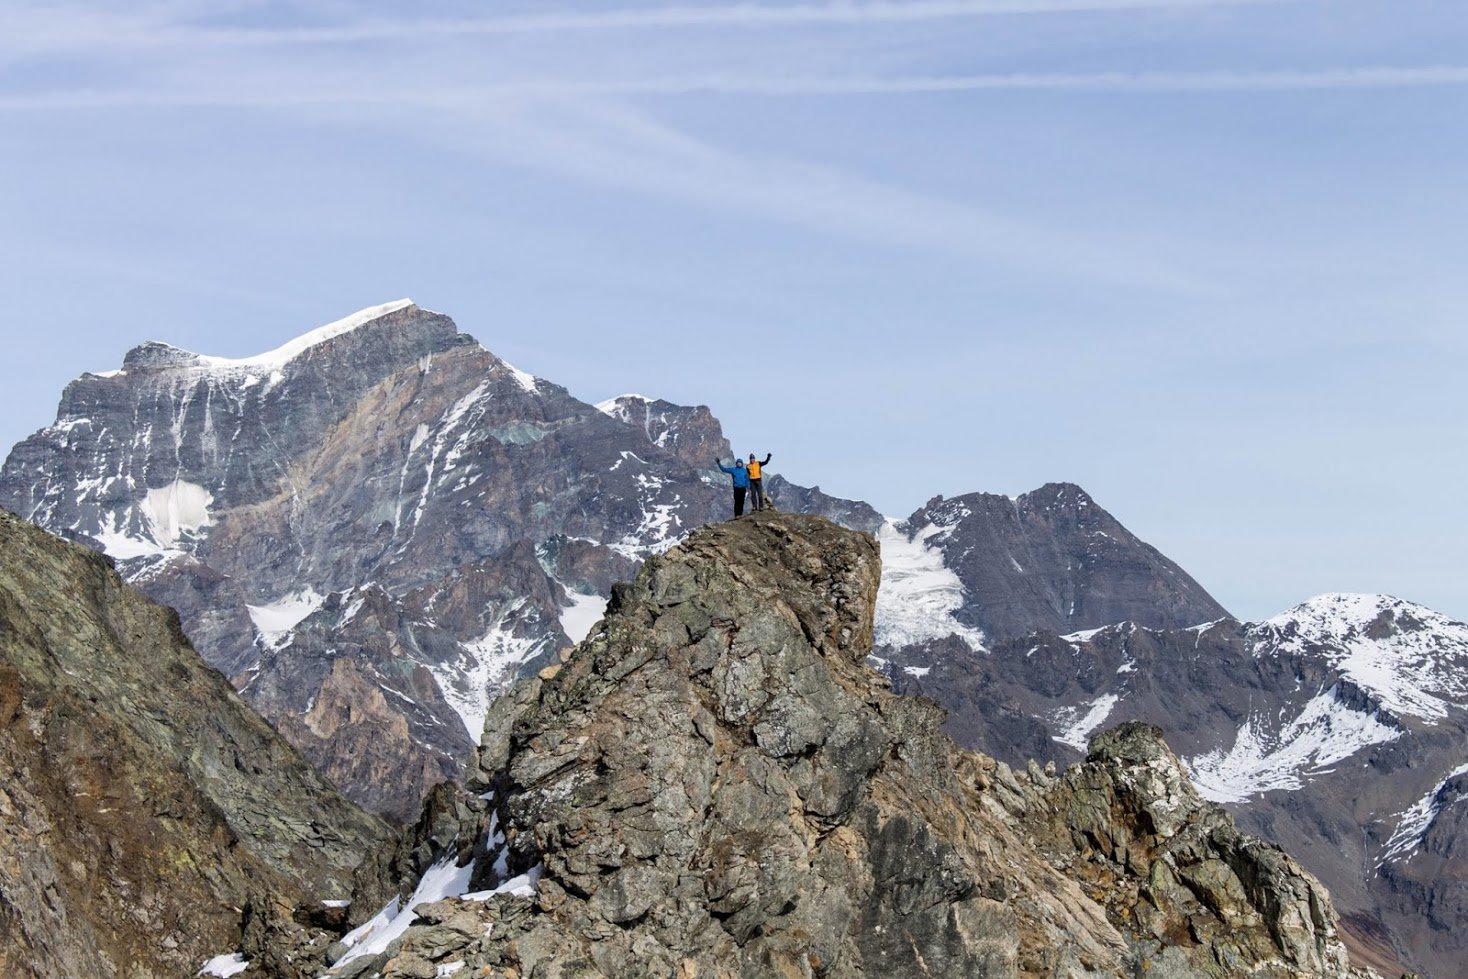 Teddy e Giuliof sulla cima Nord, dietro di noi il Gran Combin ... enorme ! TRATTO FUORI VIA ESCURSIONISTICA